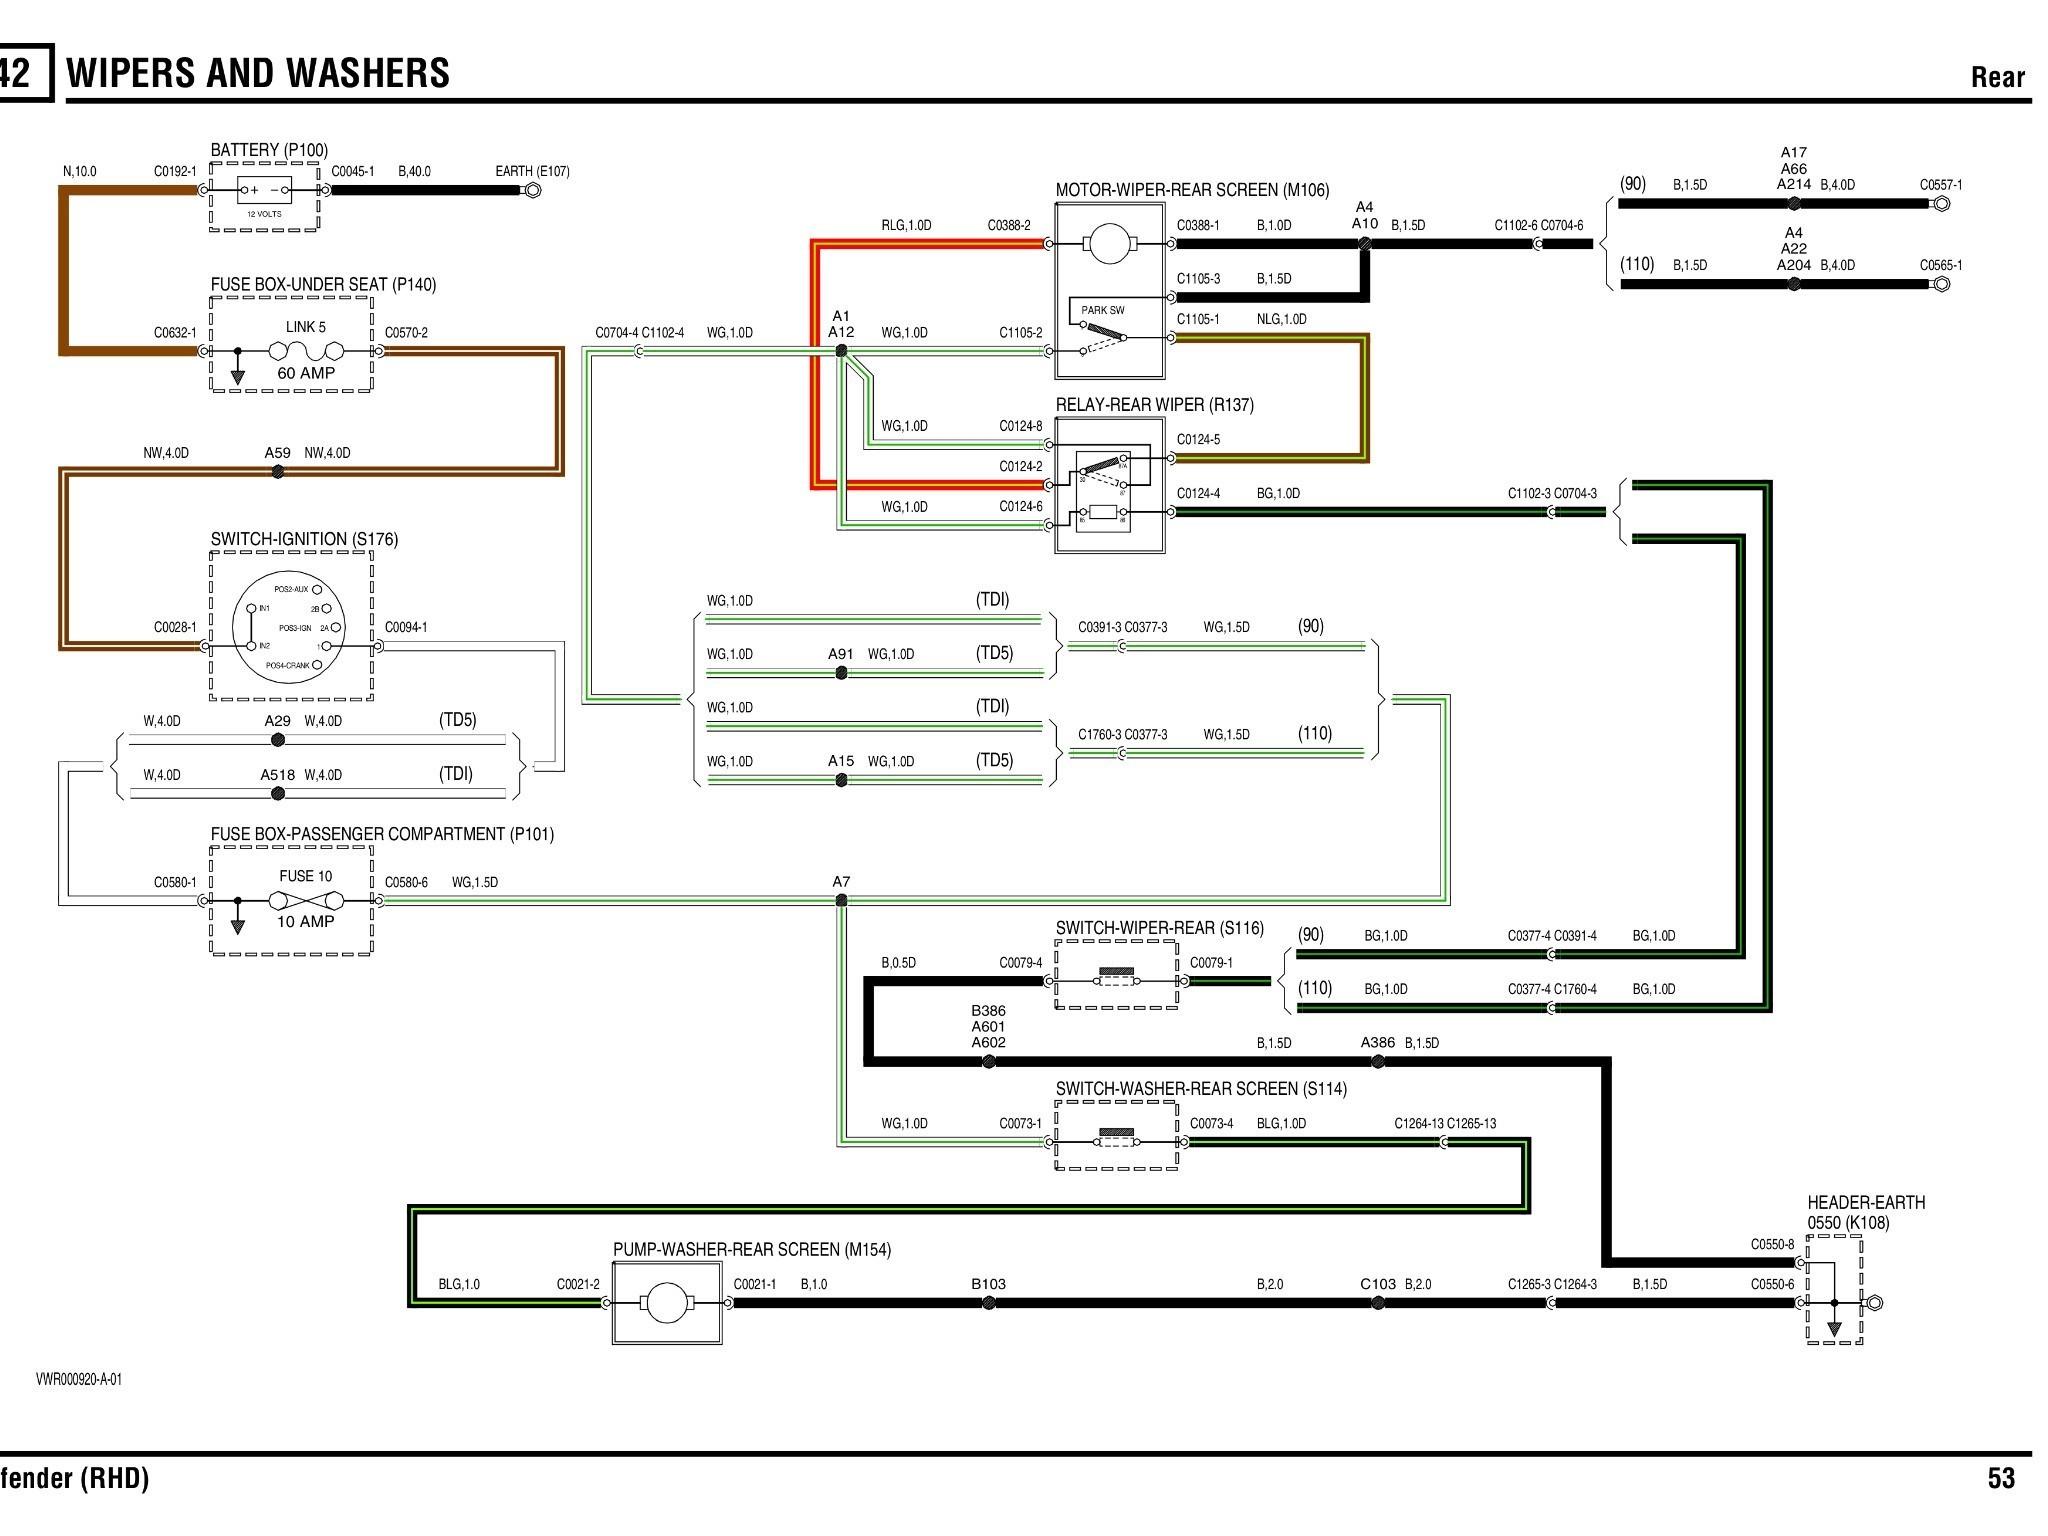 110 Light Switch Wiring Diagram | Free Wiring Diagram